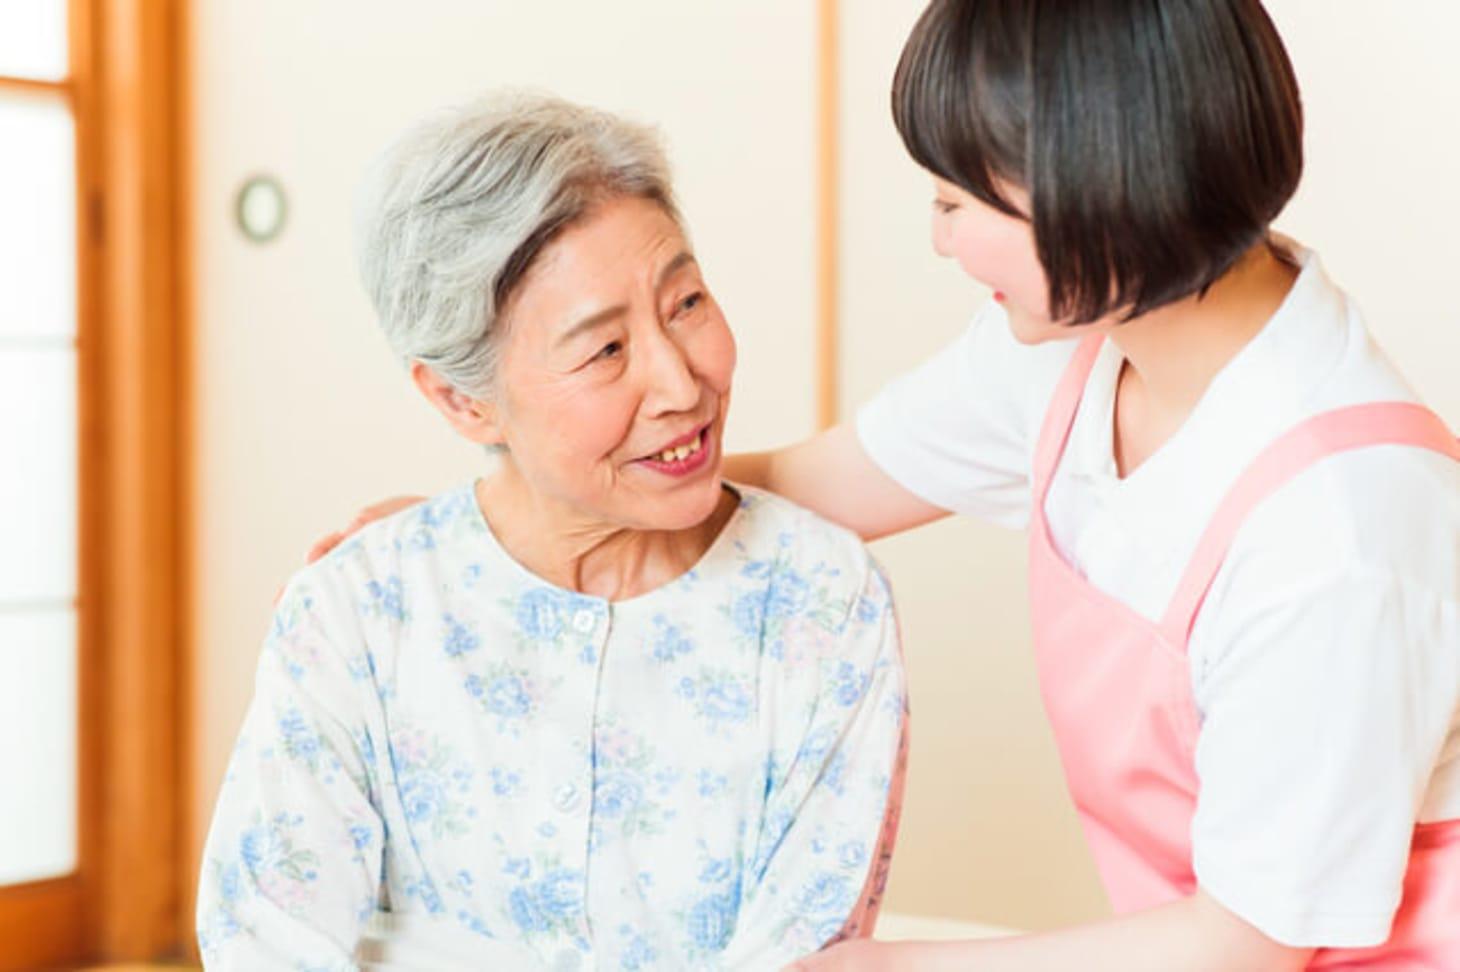 訪問介護員(ホームヘルパー)になるためには介護職員初任者研修が必要?